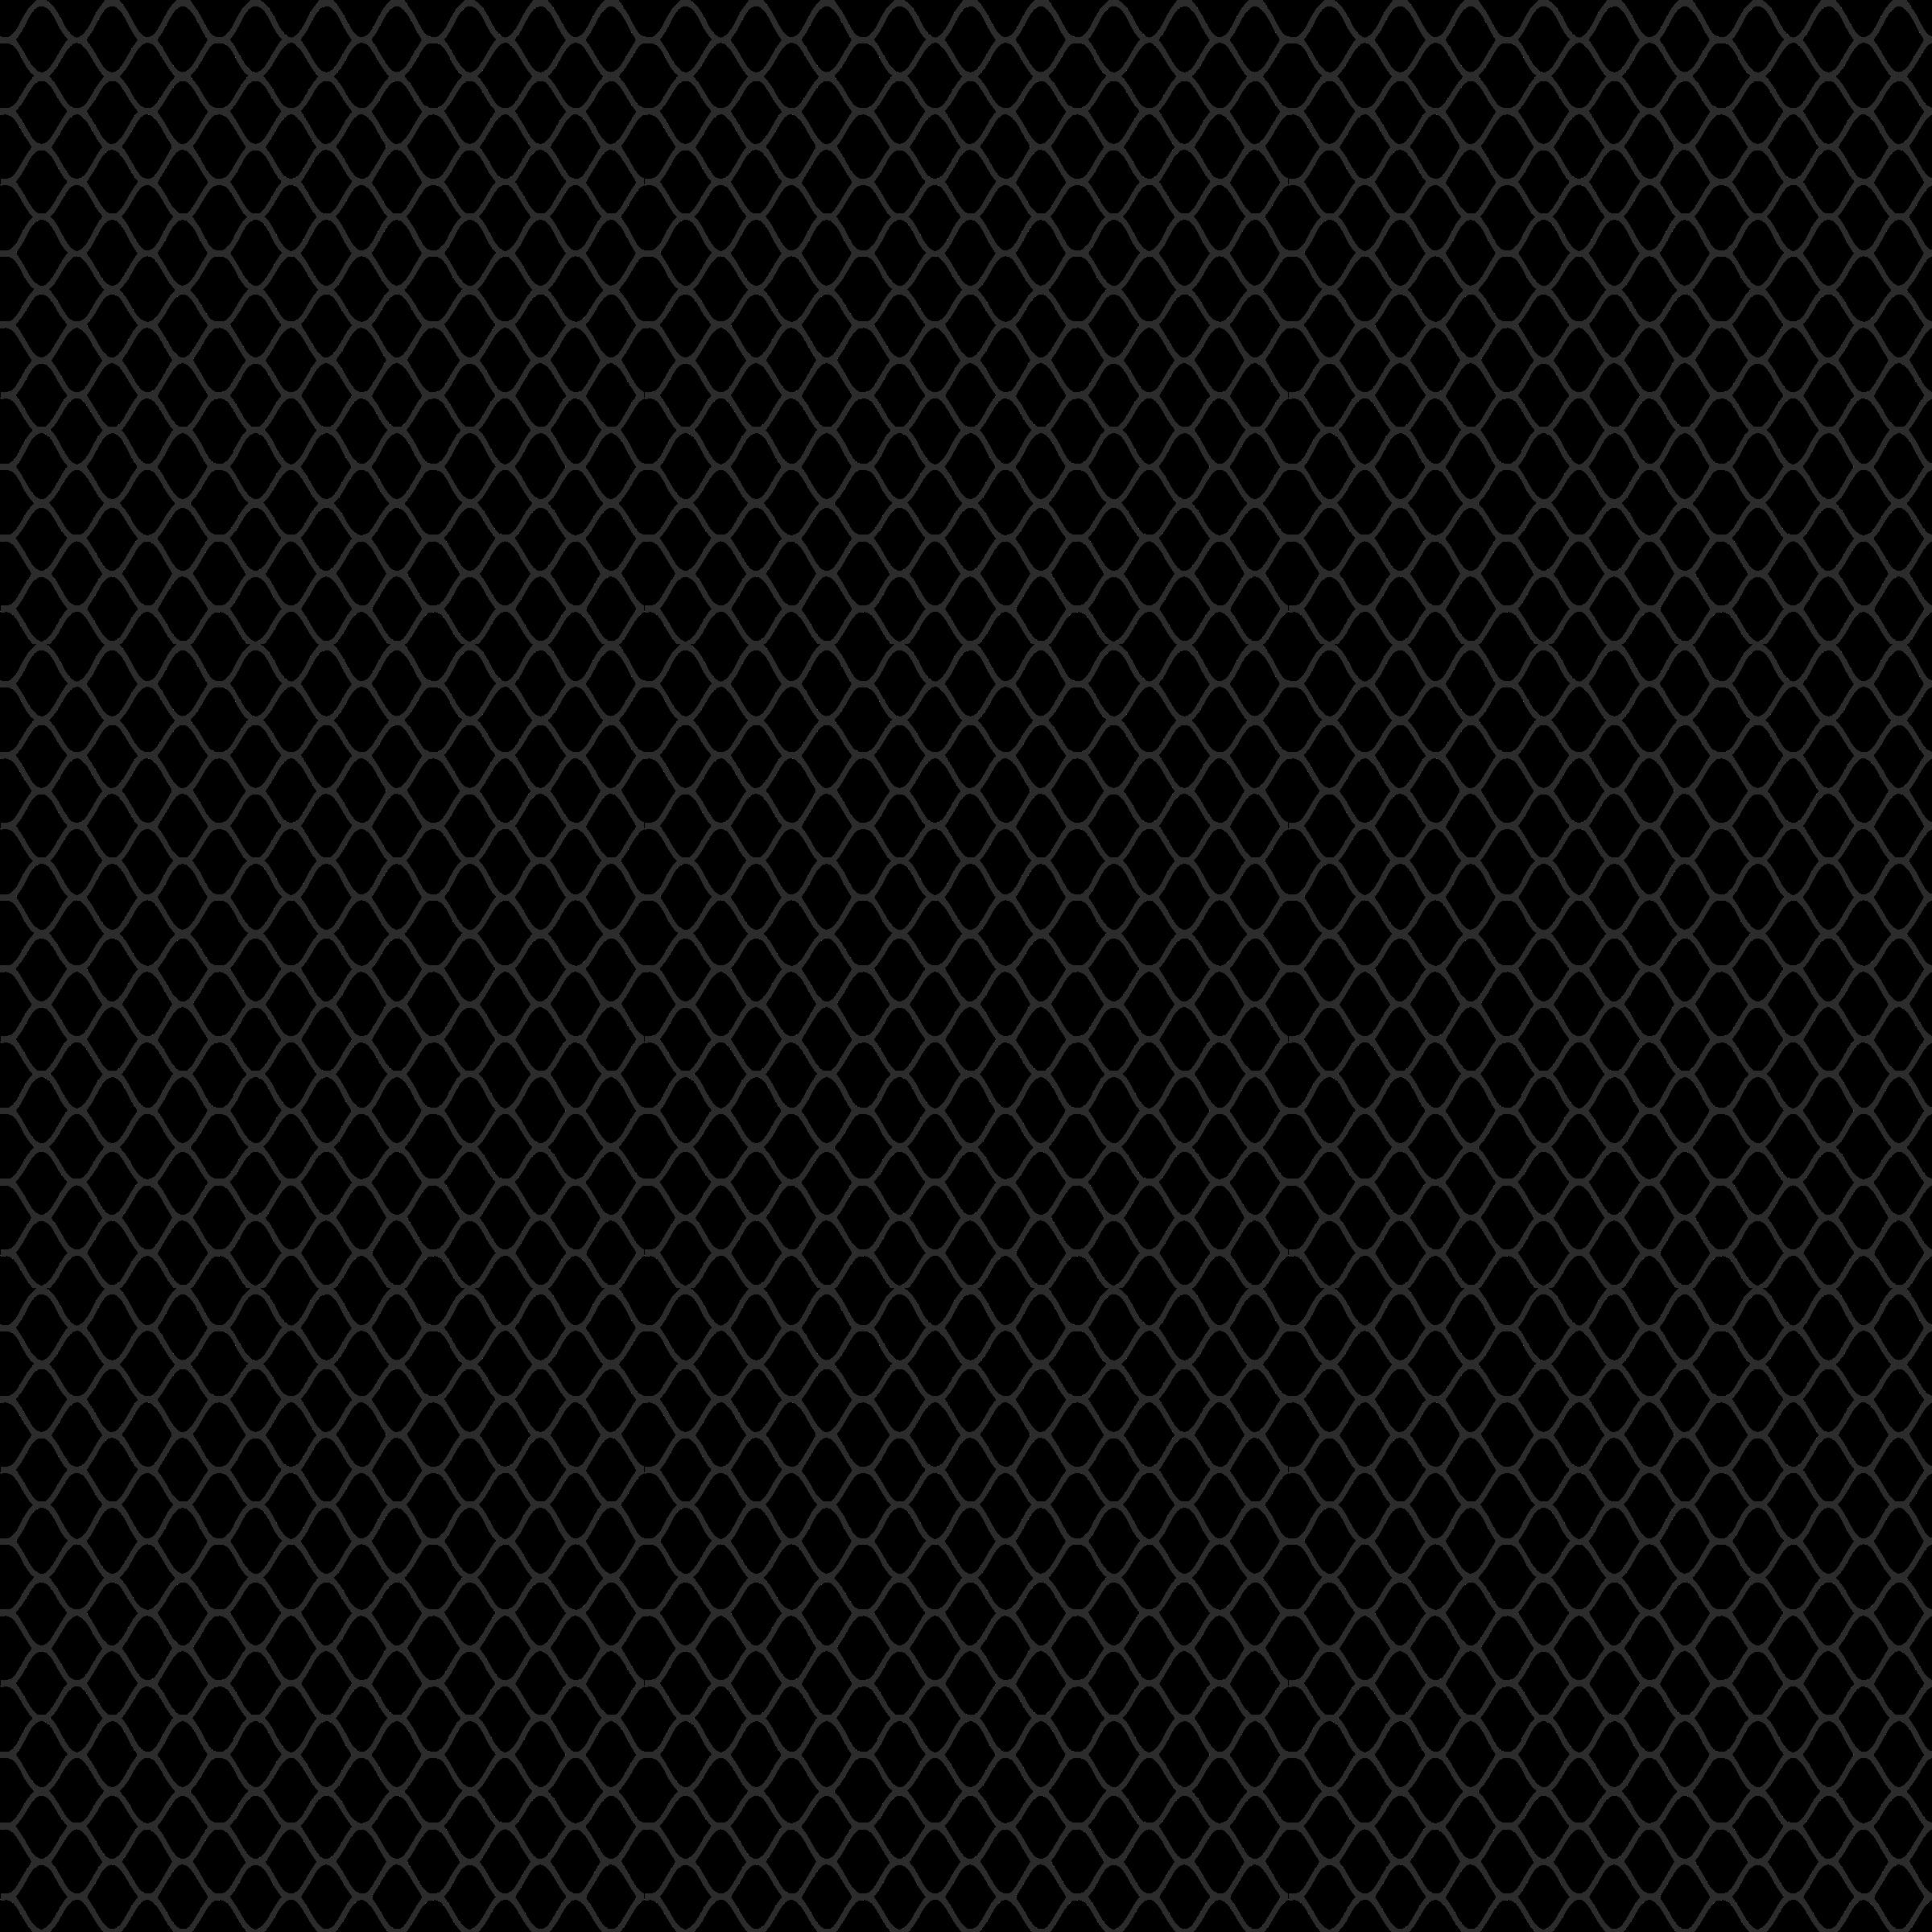 Net Seamless Pattern Png 2400 2400 Seamless Patterns Pattern Seamless